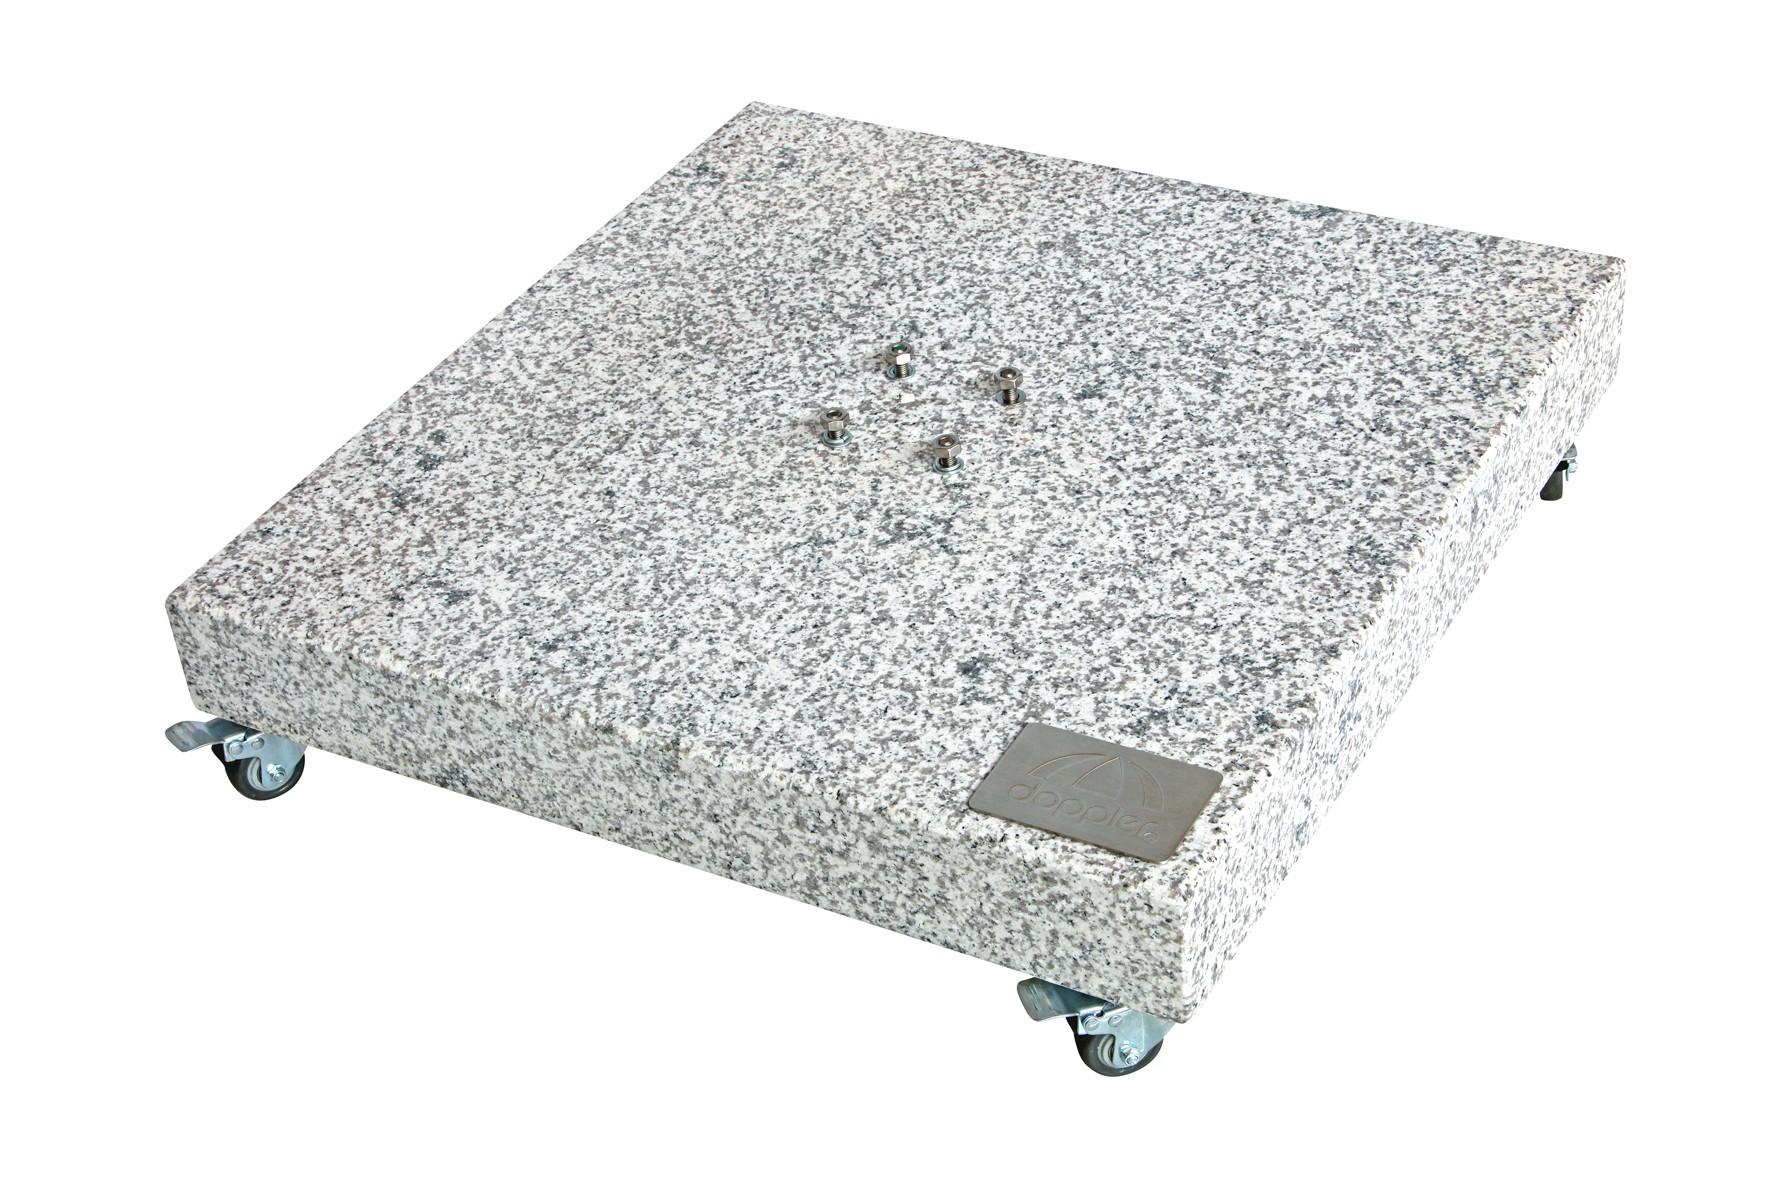 Doppler Sonnenschirmständer Grundplatte Granitplatte 140kg 80x80x14cm Bild 1